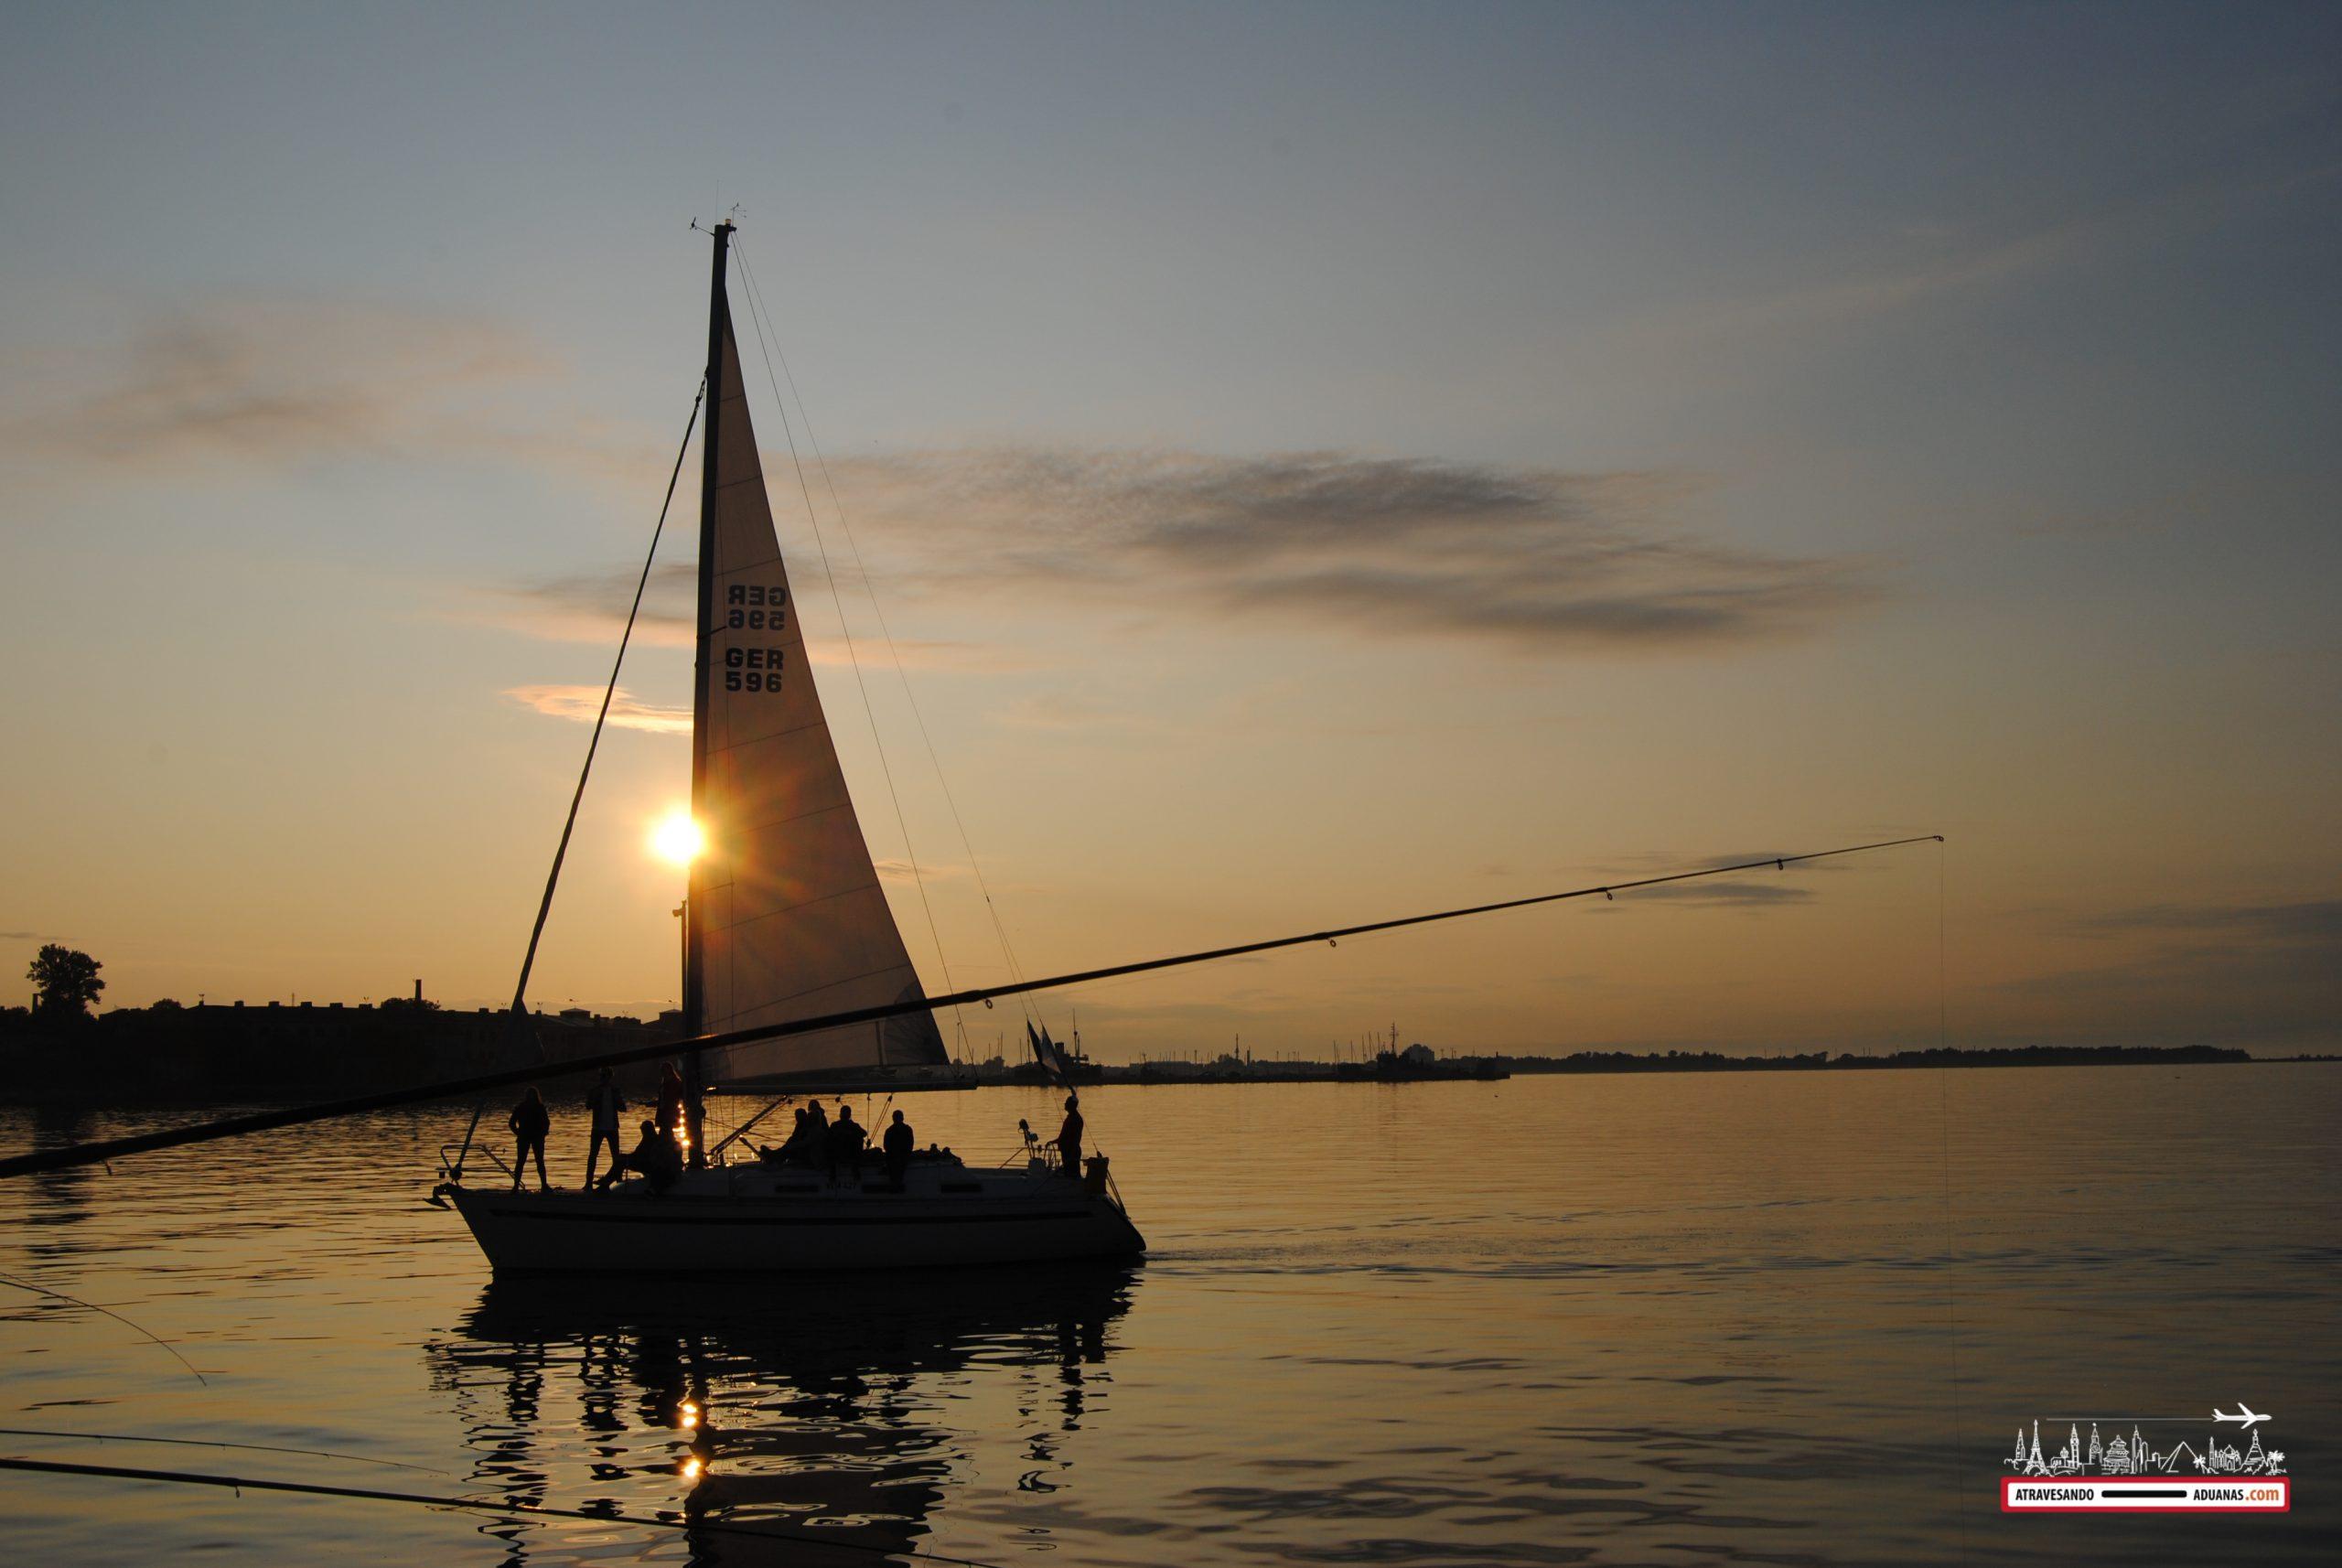 Barco de vela al atardecer, Tallinn